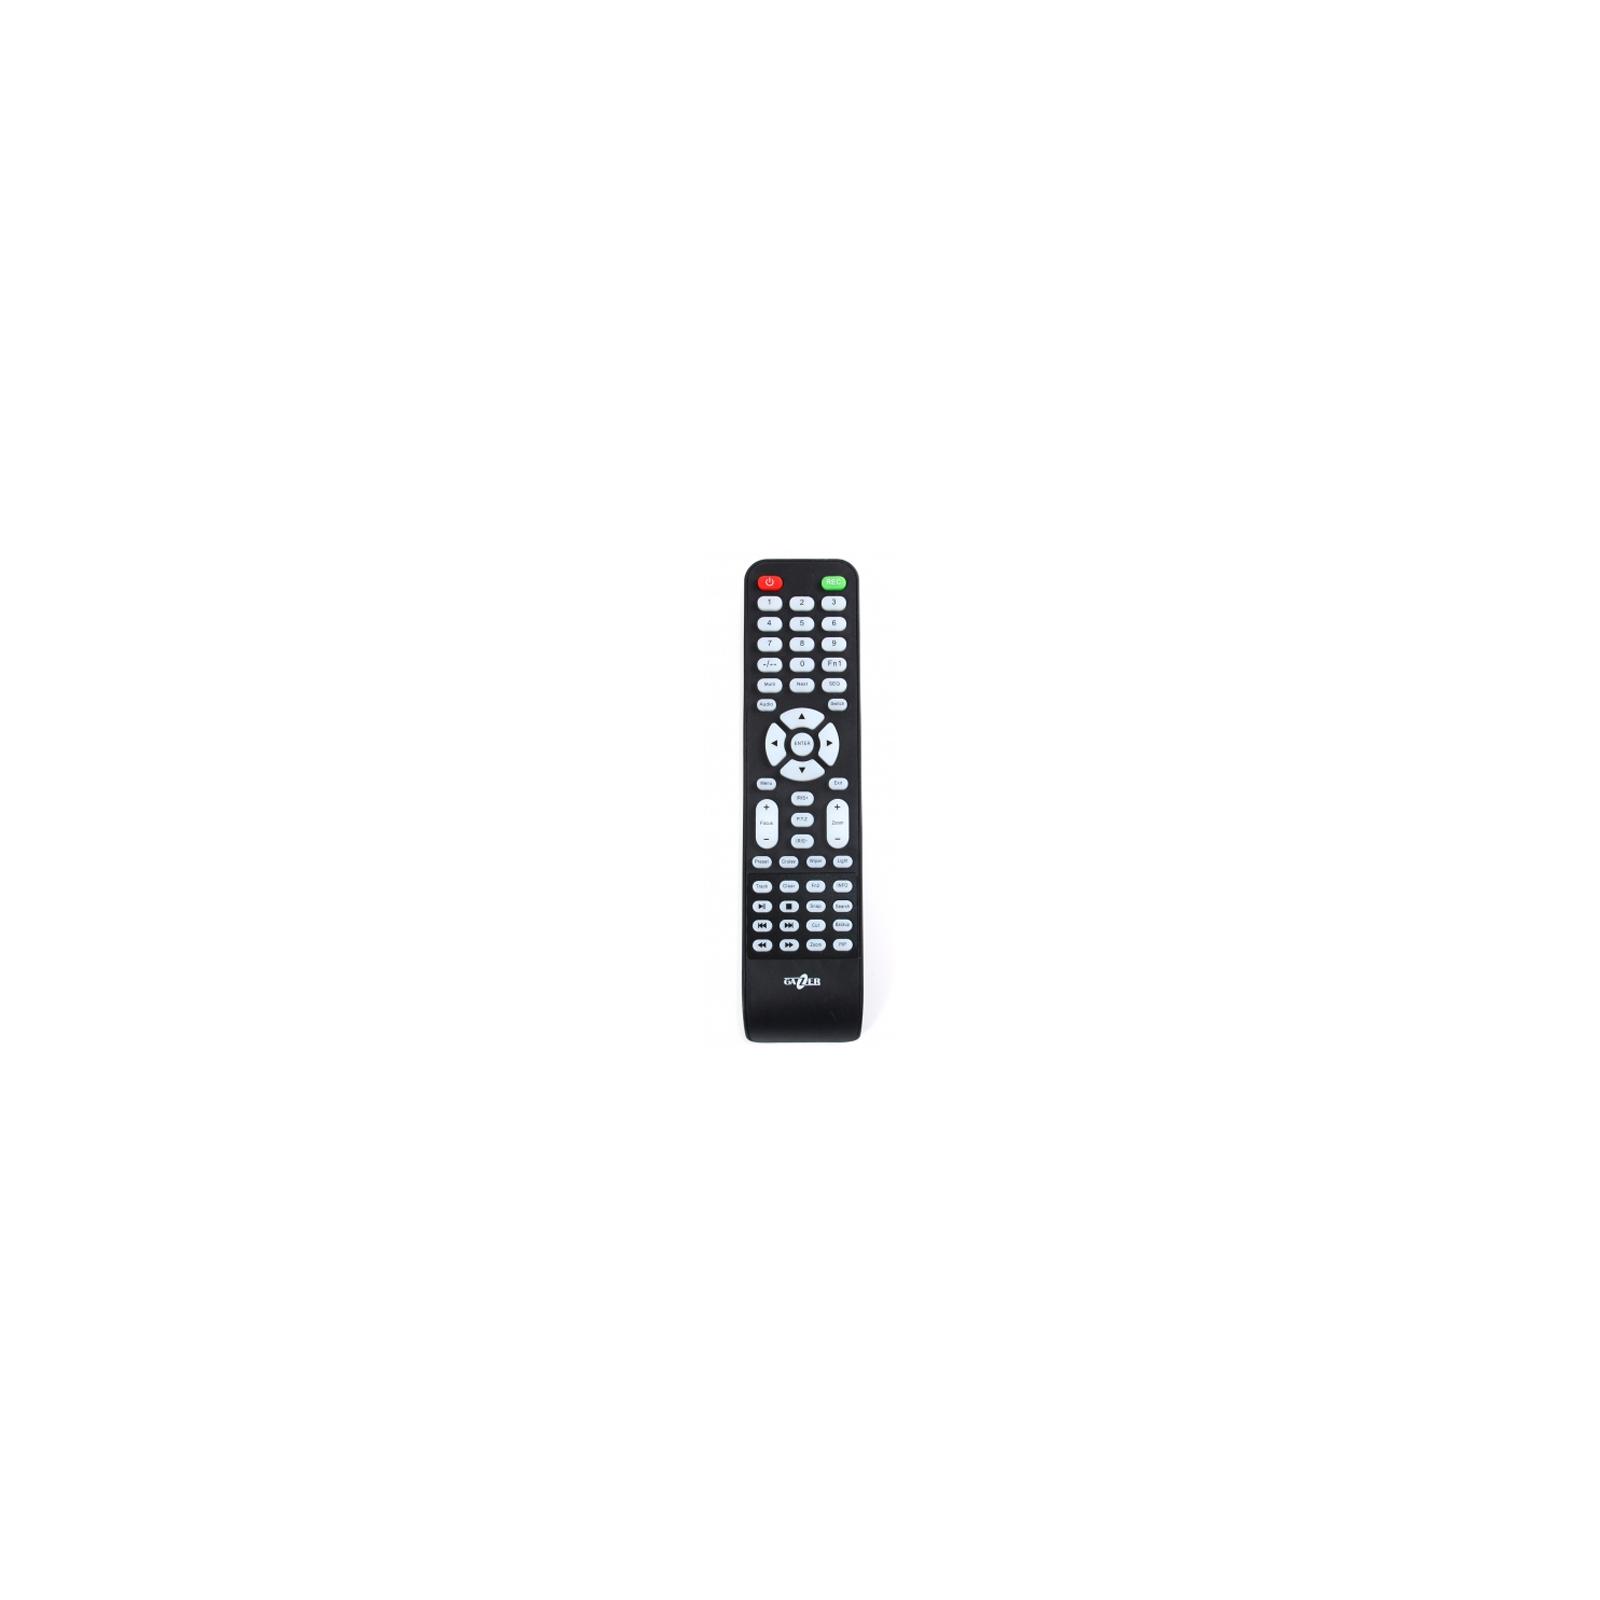 Регистратор для видеонаблюдения Gazer NF708r изображение 4